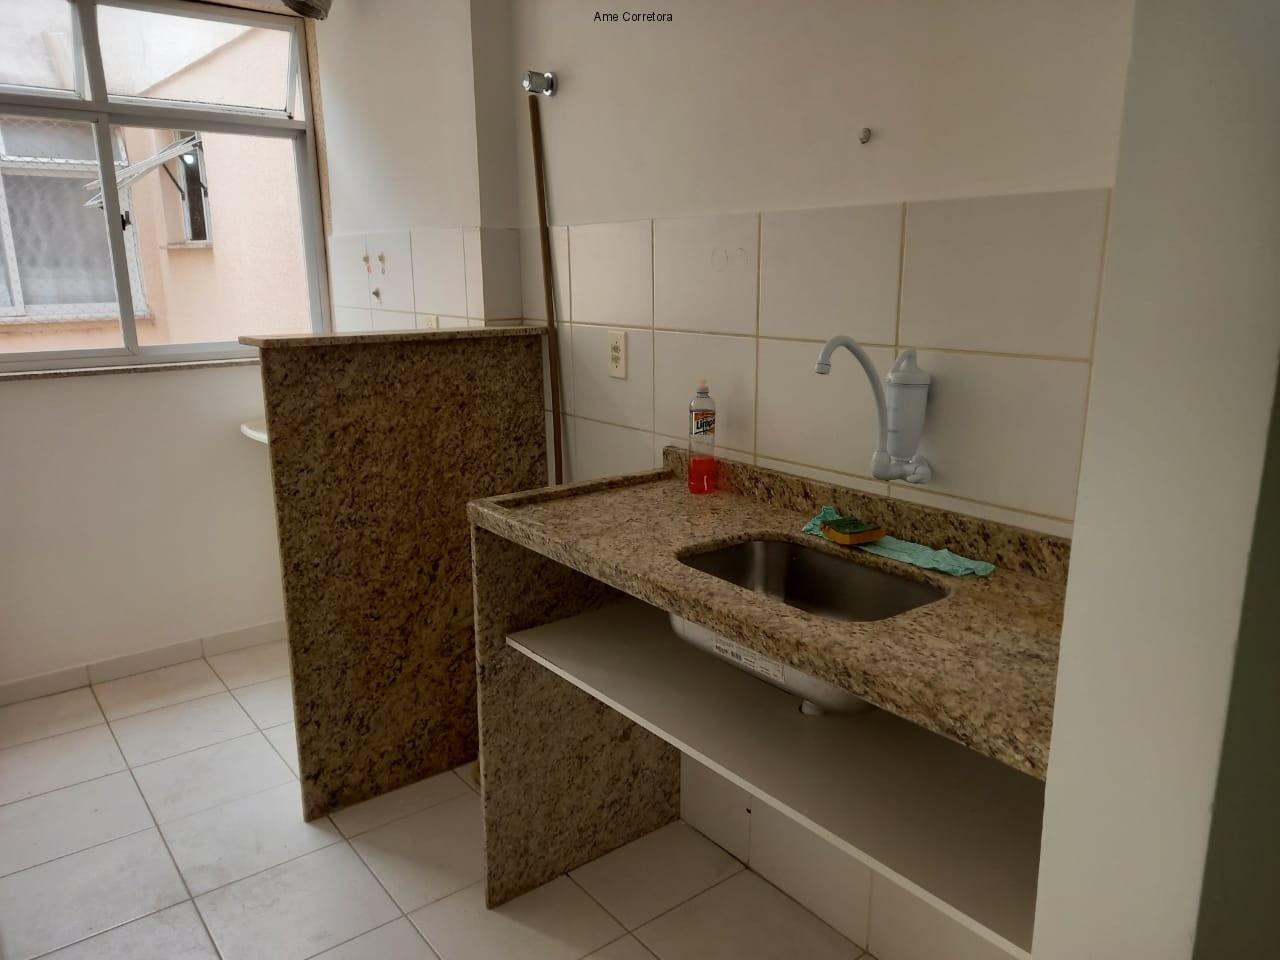 FOTO 11 - Apartamento 2 quartos para alugar Rio de Janeiro,RJ - R$ 1.200 - AP00439 - 11